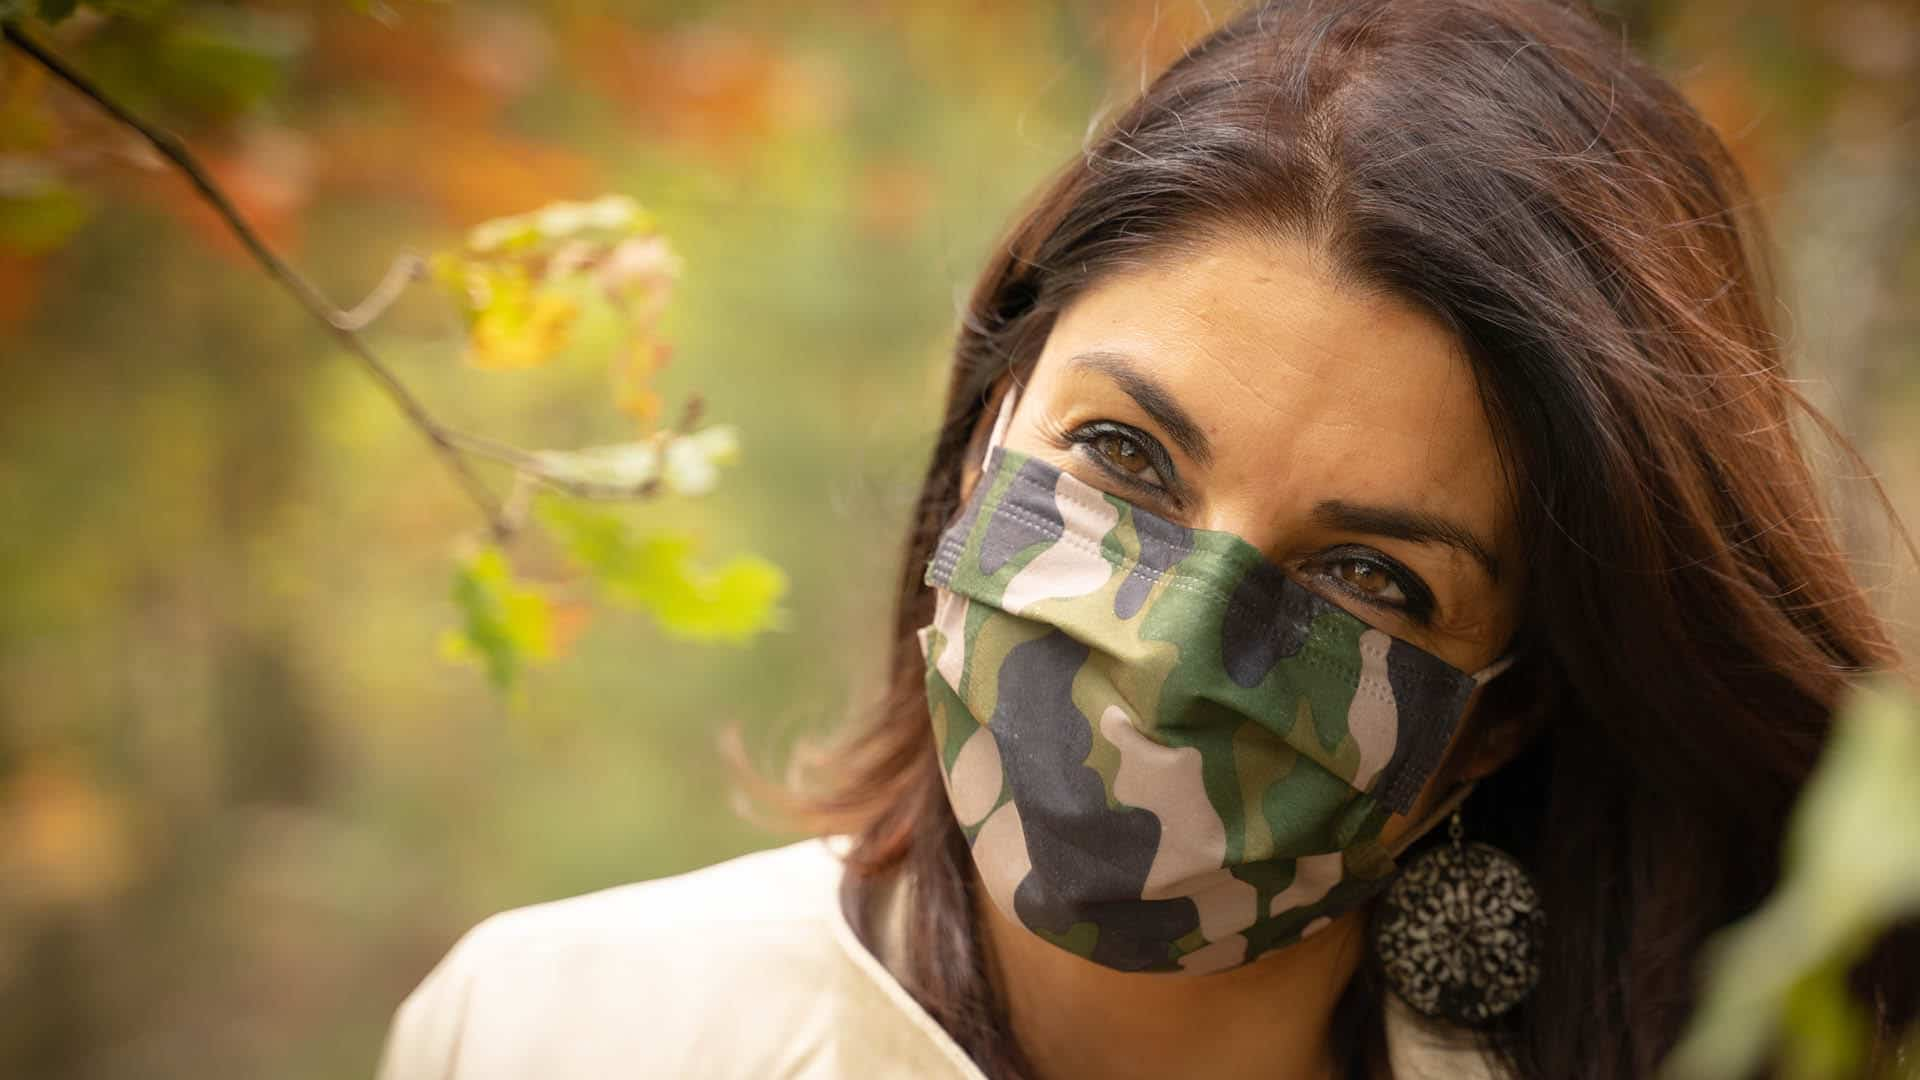 Illocare mondmasker combat green